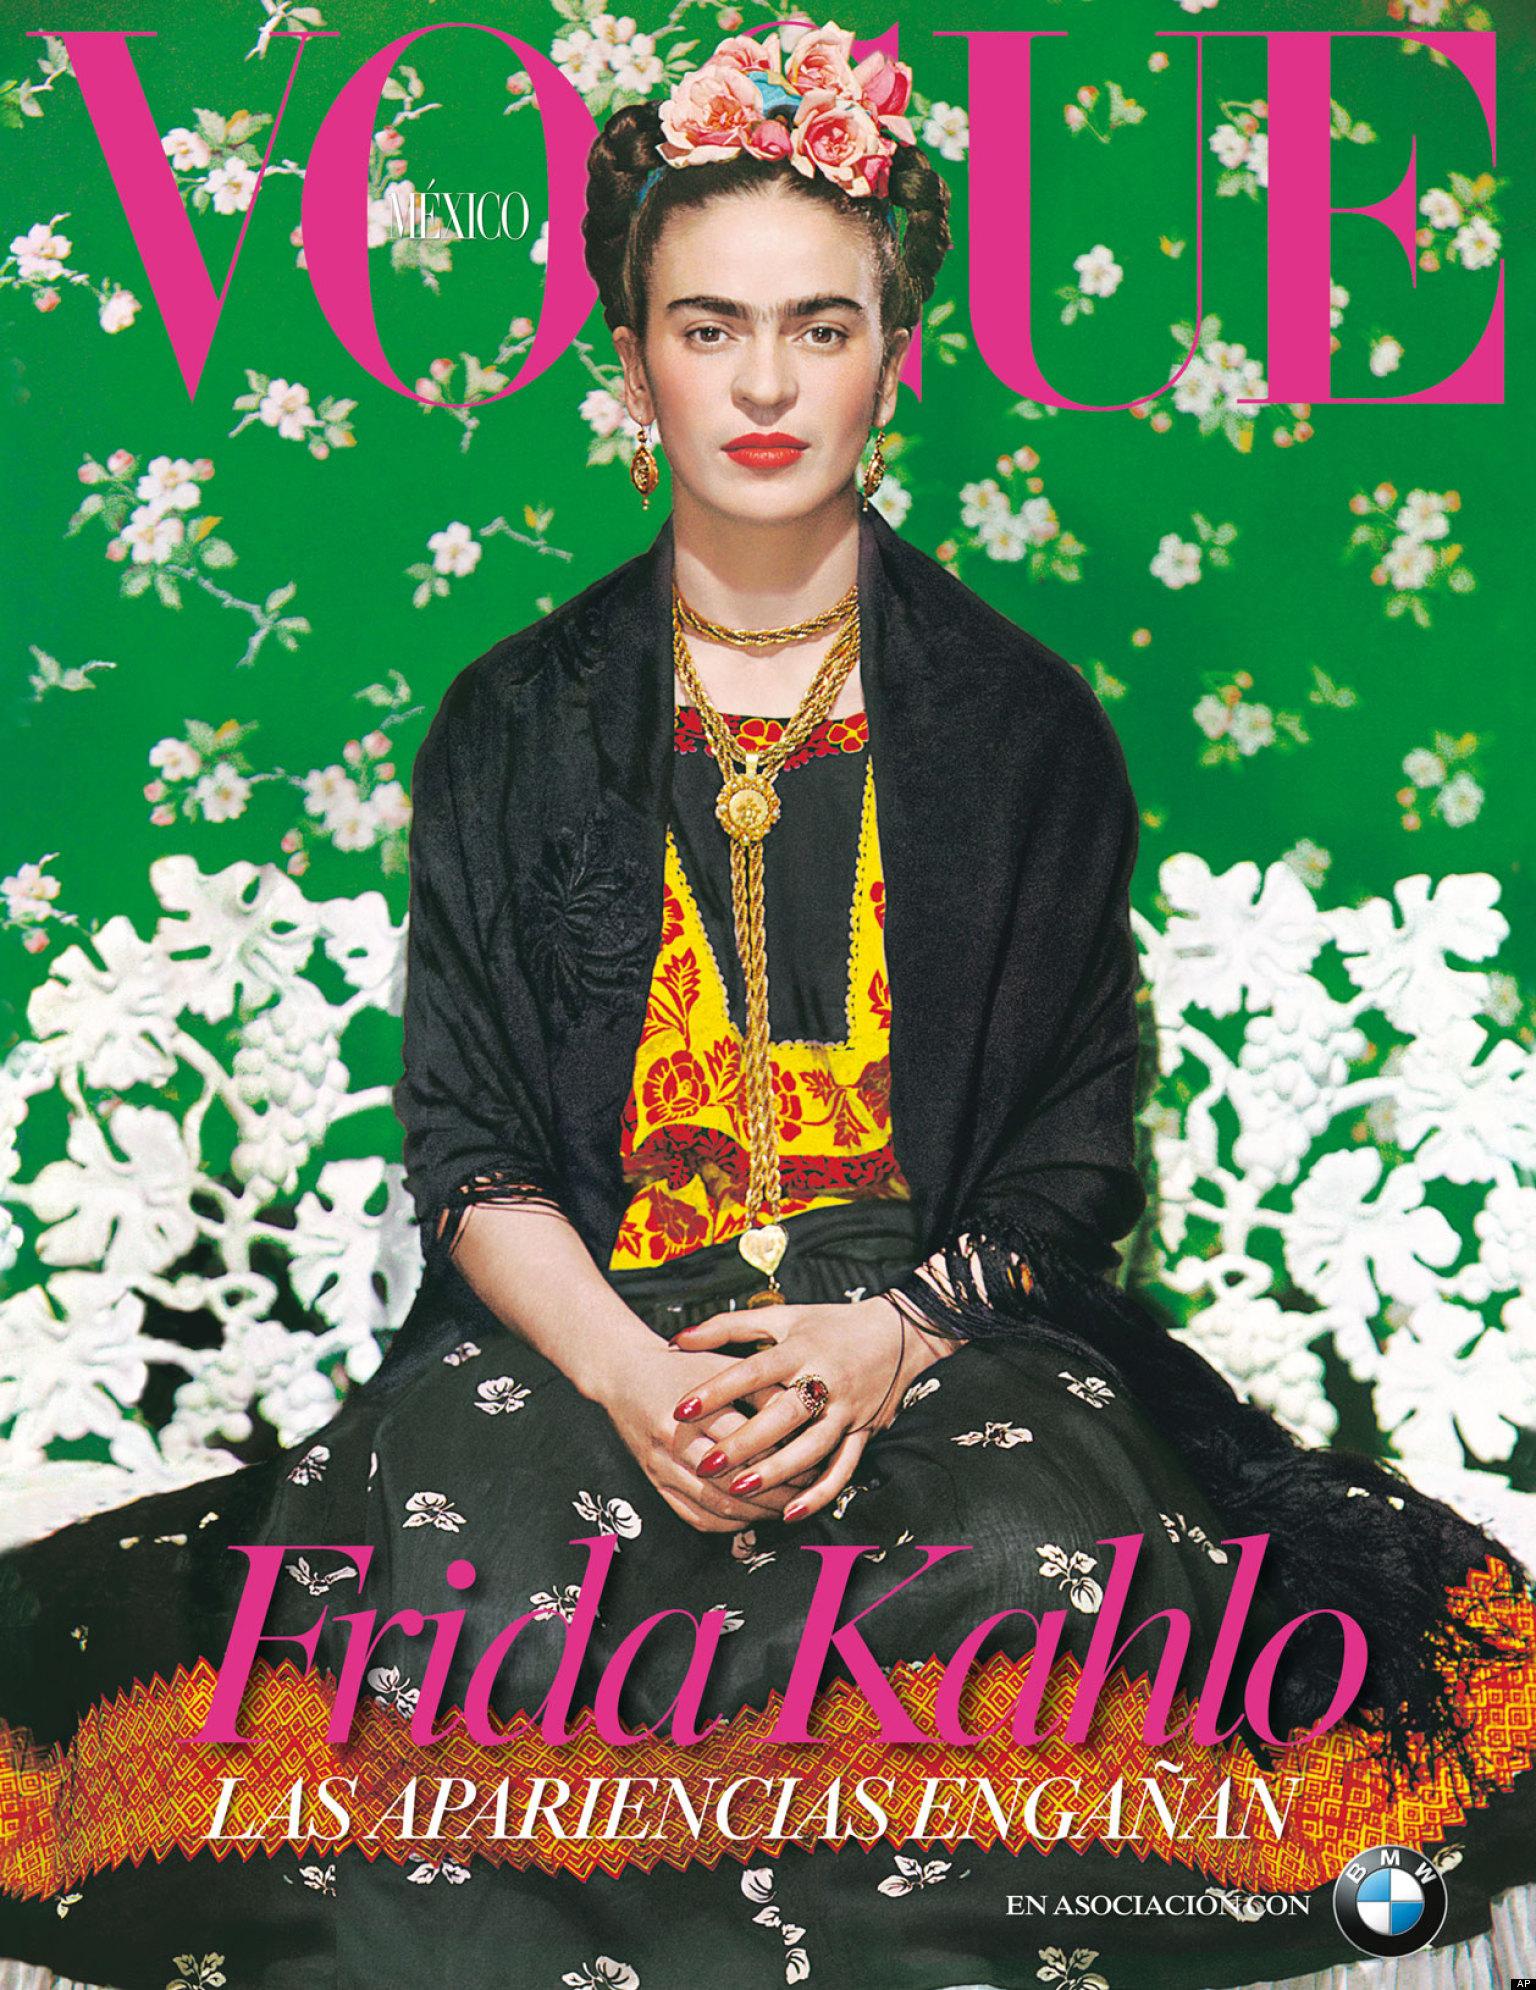 Icono de todos los tiempos: Frida Kahlo y las editoriales inspiradas en ella